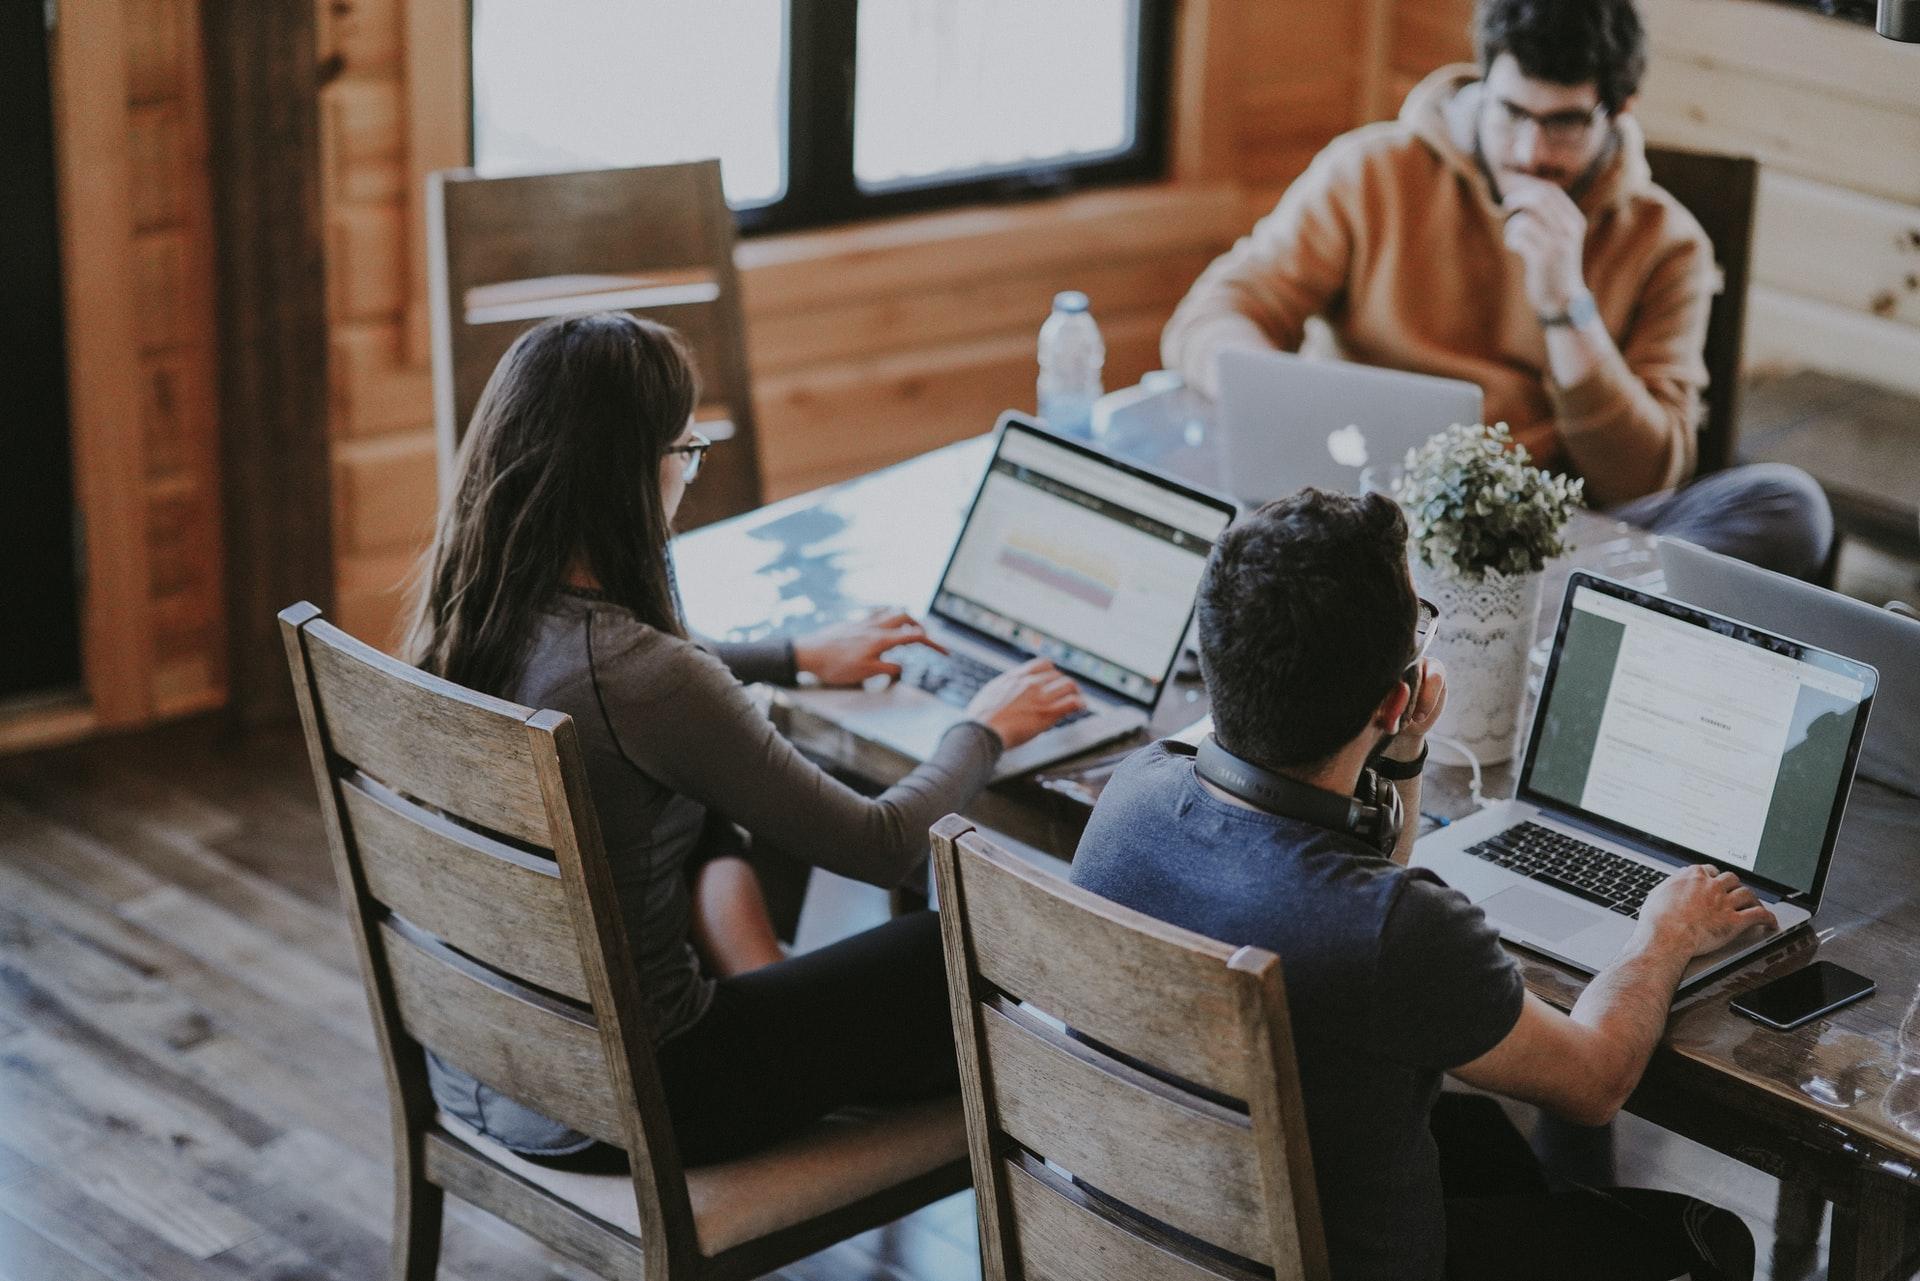 コワーキングスペースでプログラミングの勉強をする人たち